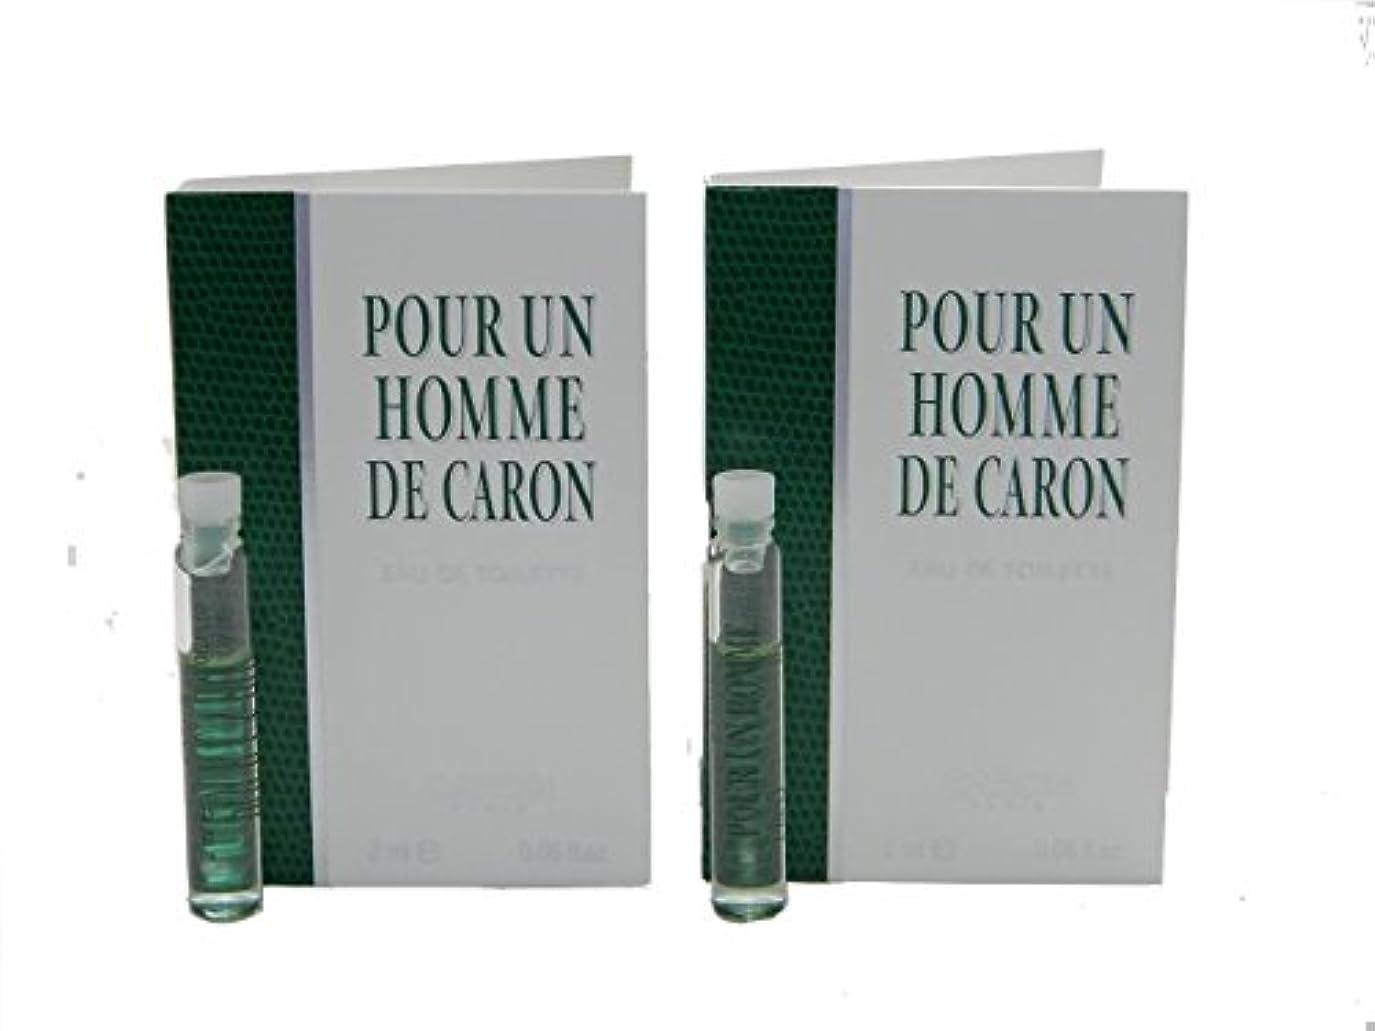 風変わりなデータベース義務づけるPour Un Homme De Caron EDT Vial Sample [Lot of 2](プール アン オム ド キャロン オードトワレ)2x2ml [並行輸入品]